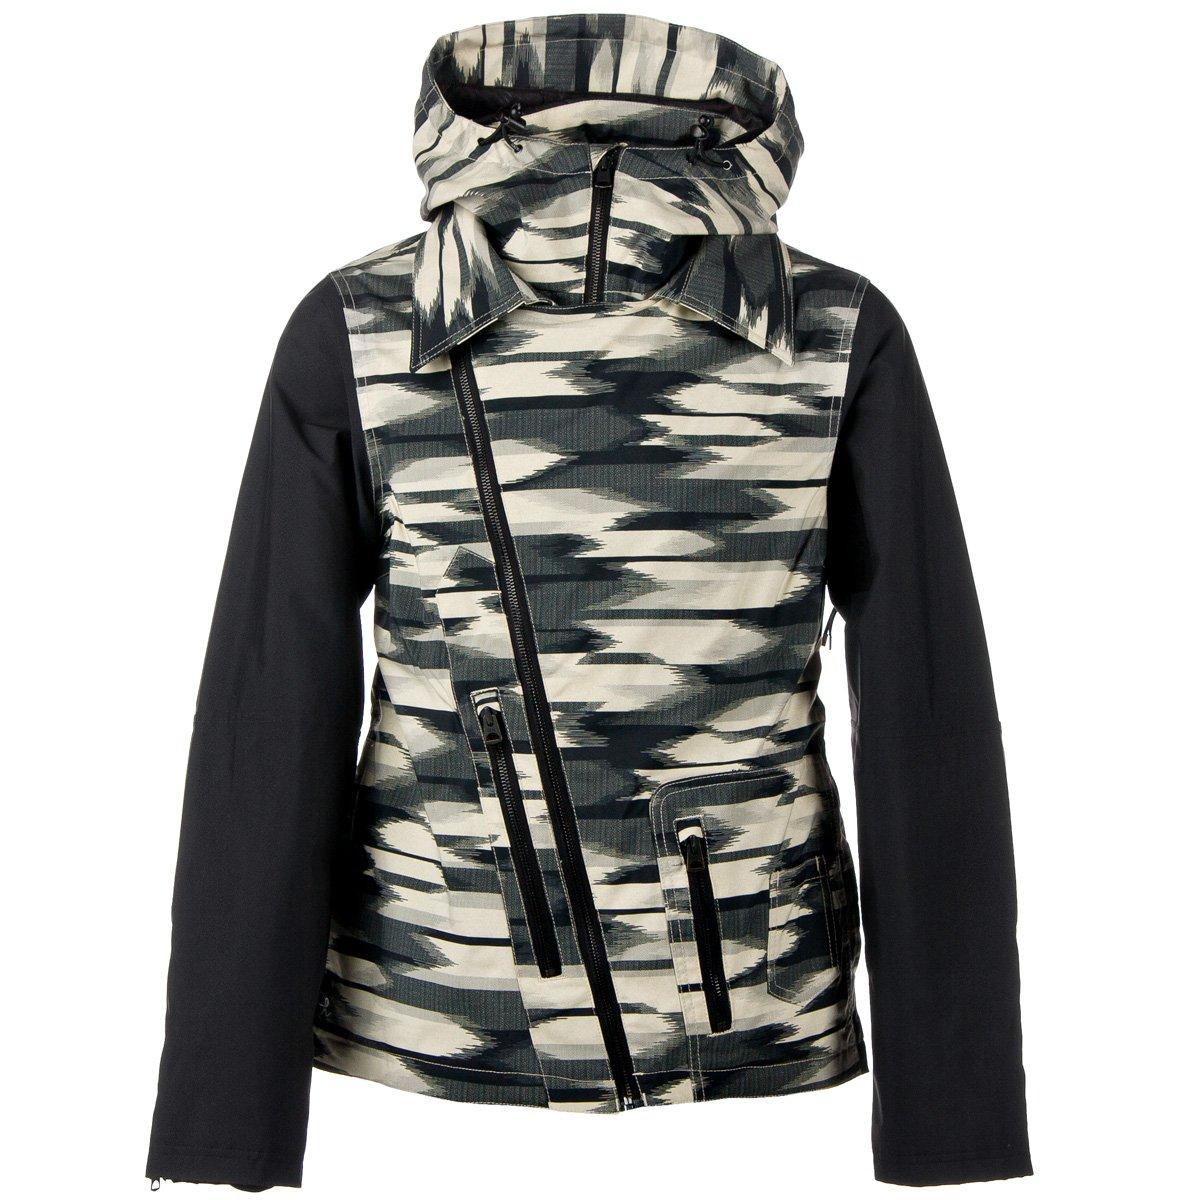 Damen Snowboard Jacke Holden Adrienne Jacket Women günstig bestellen